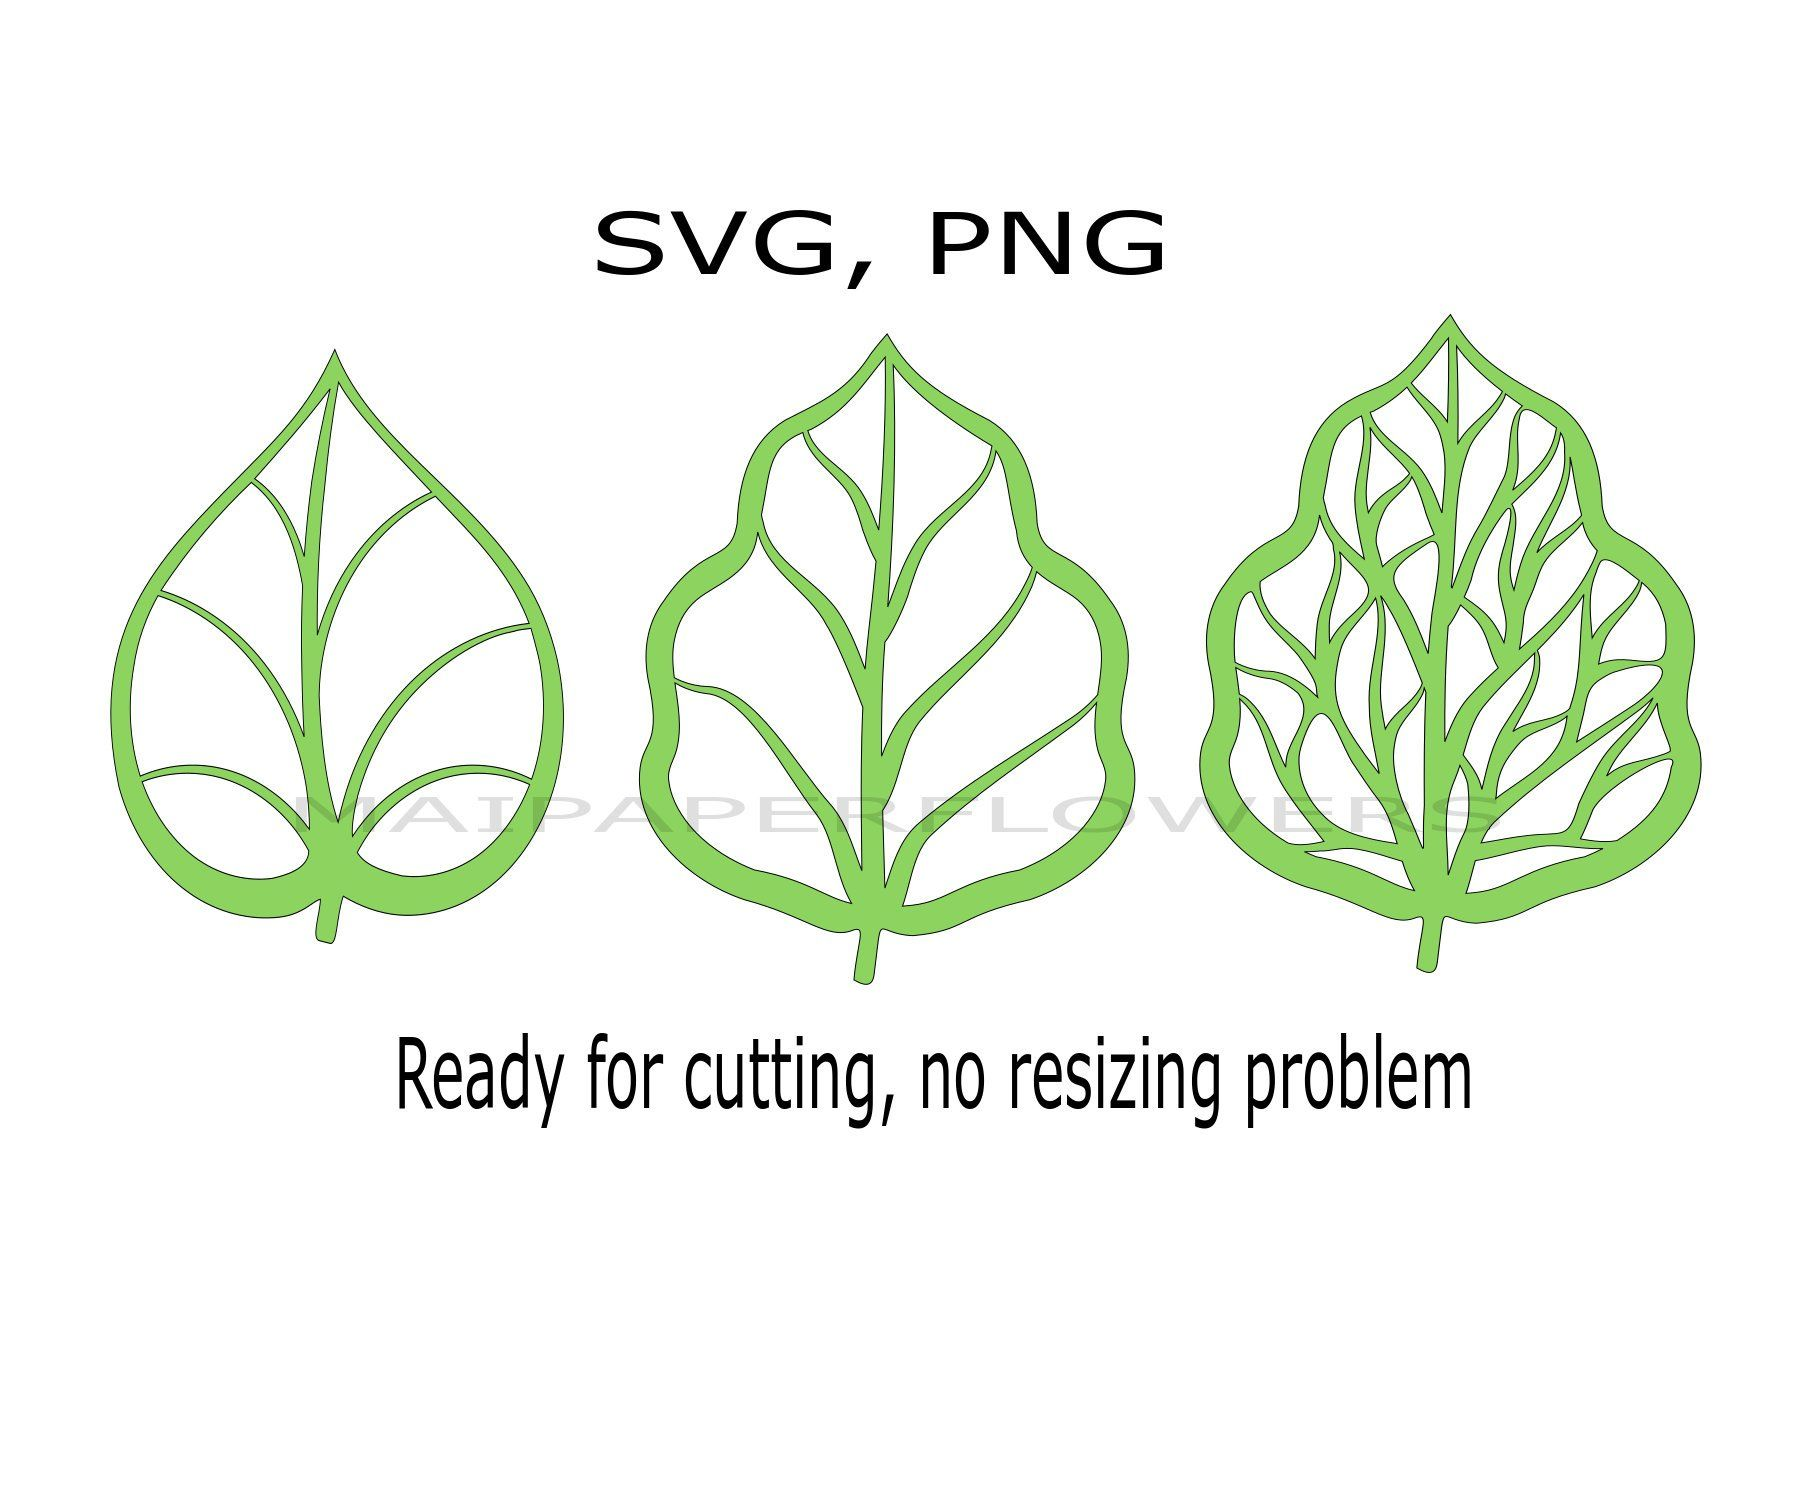 SVGPNG Paper Flower Leaves template Svg leaves template Paper Flowers Leaves Templates Paper Flowers Leaves Svg leaves template